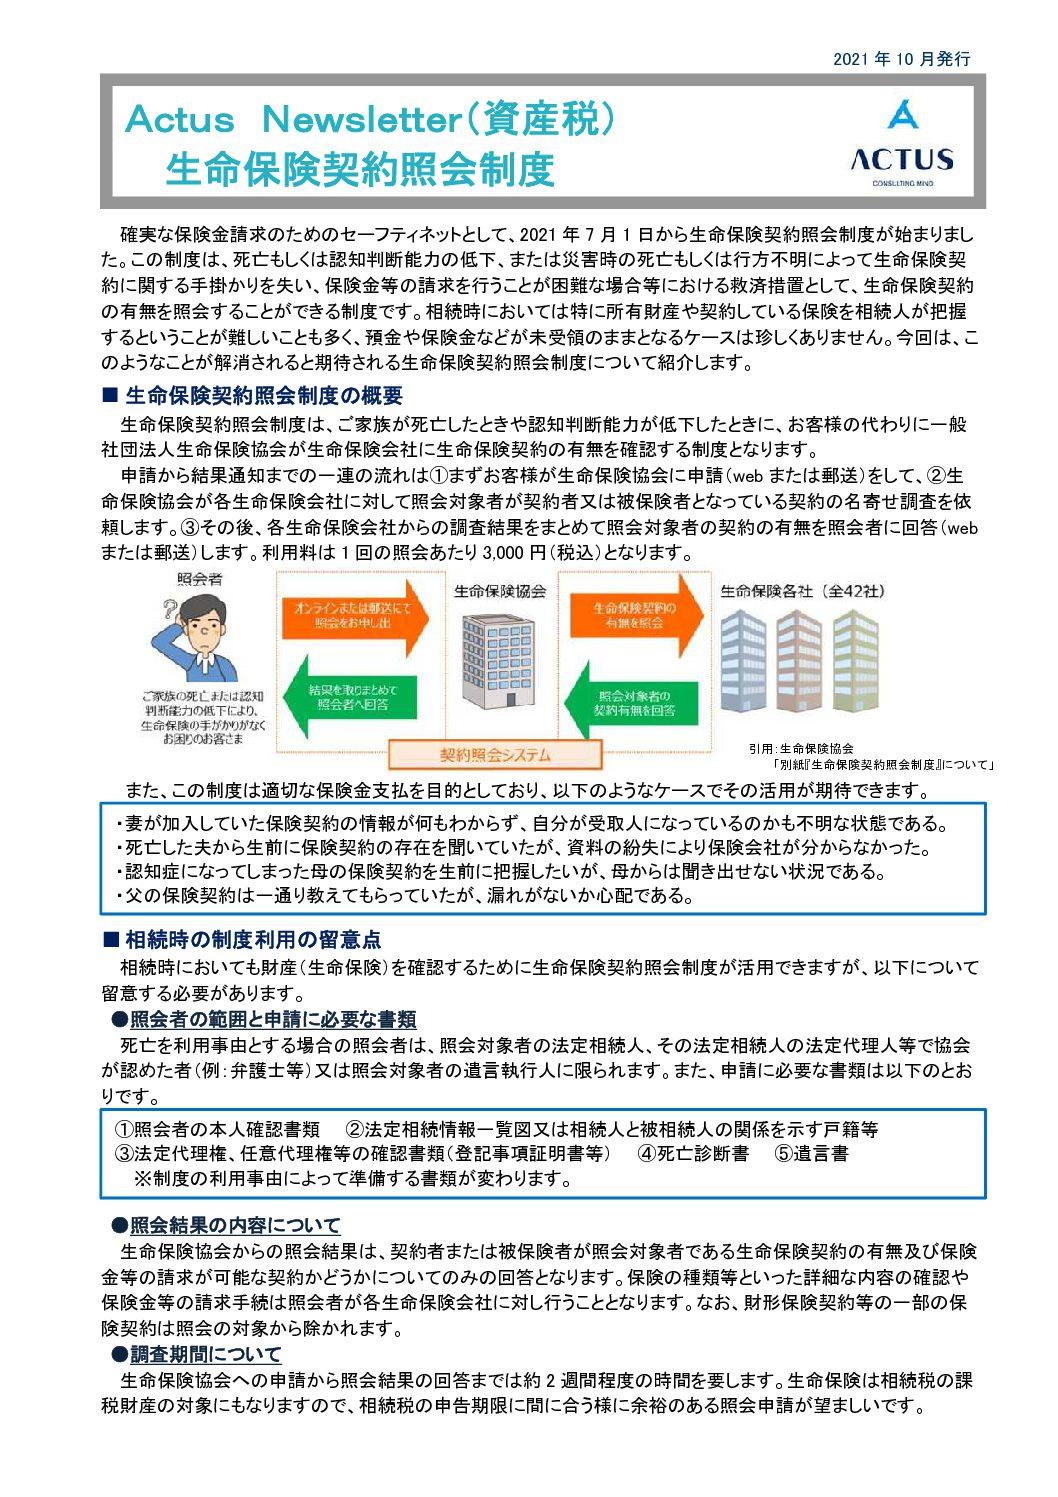 生命保険契約照会制度